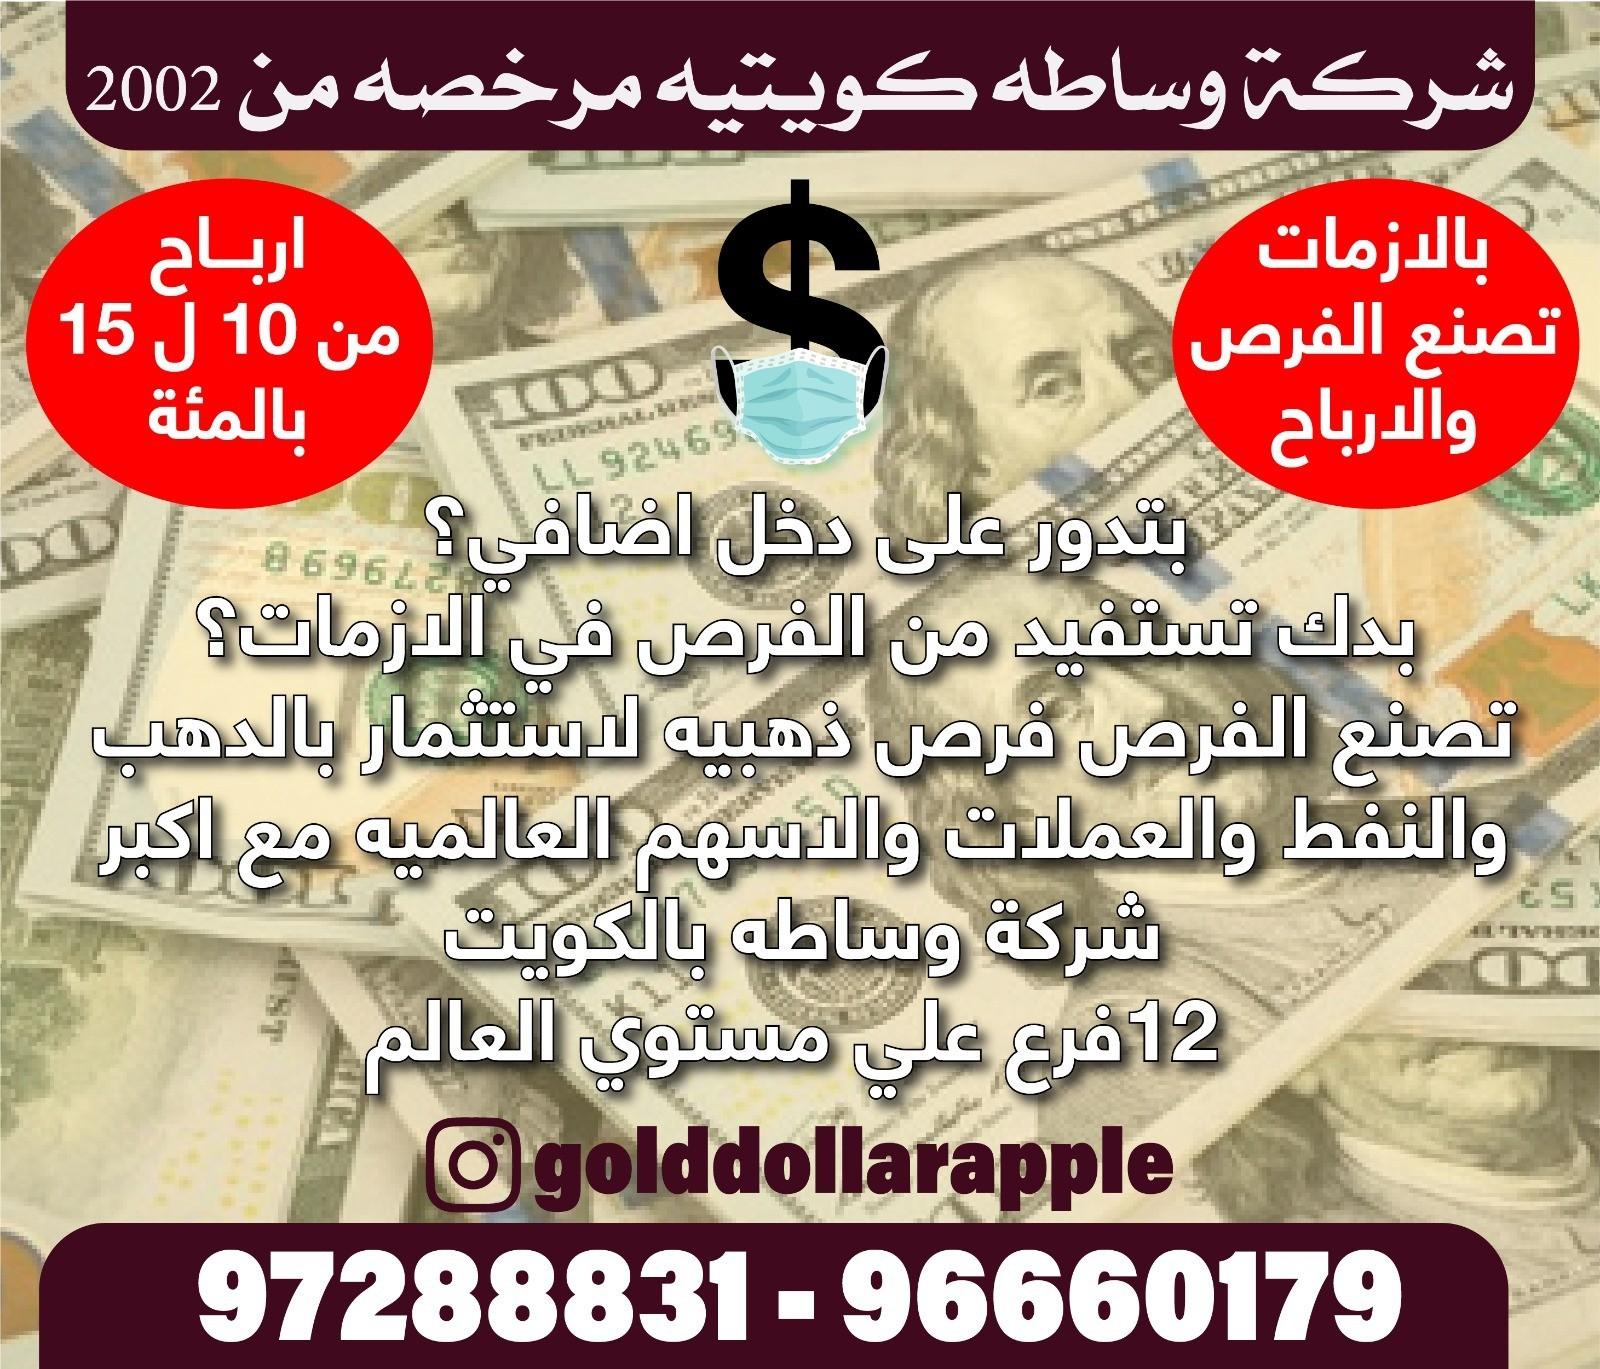 شركة وساطة كويتية مرخصة من 2020